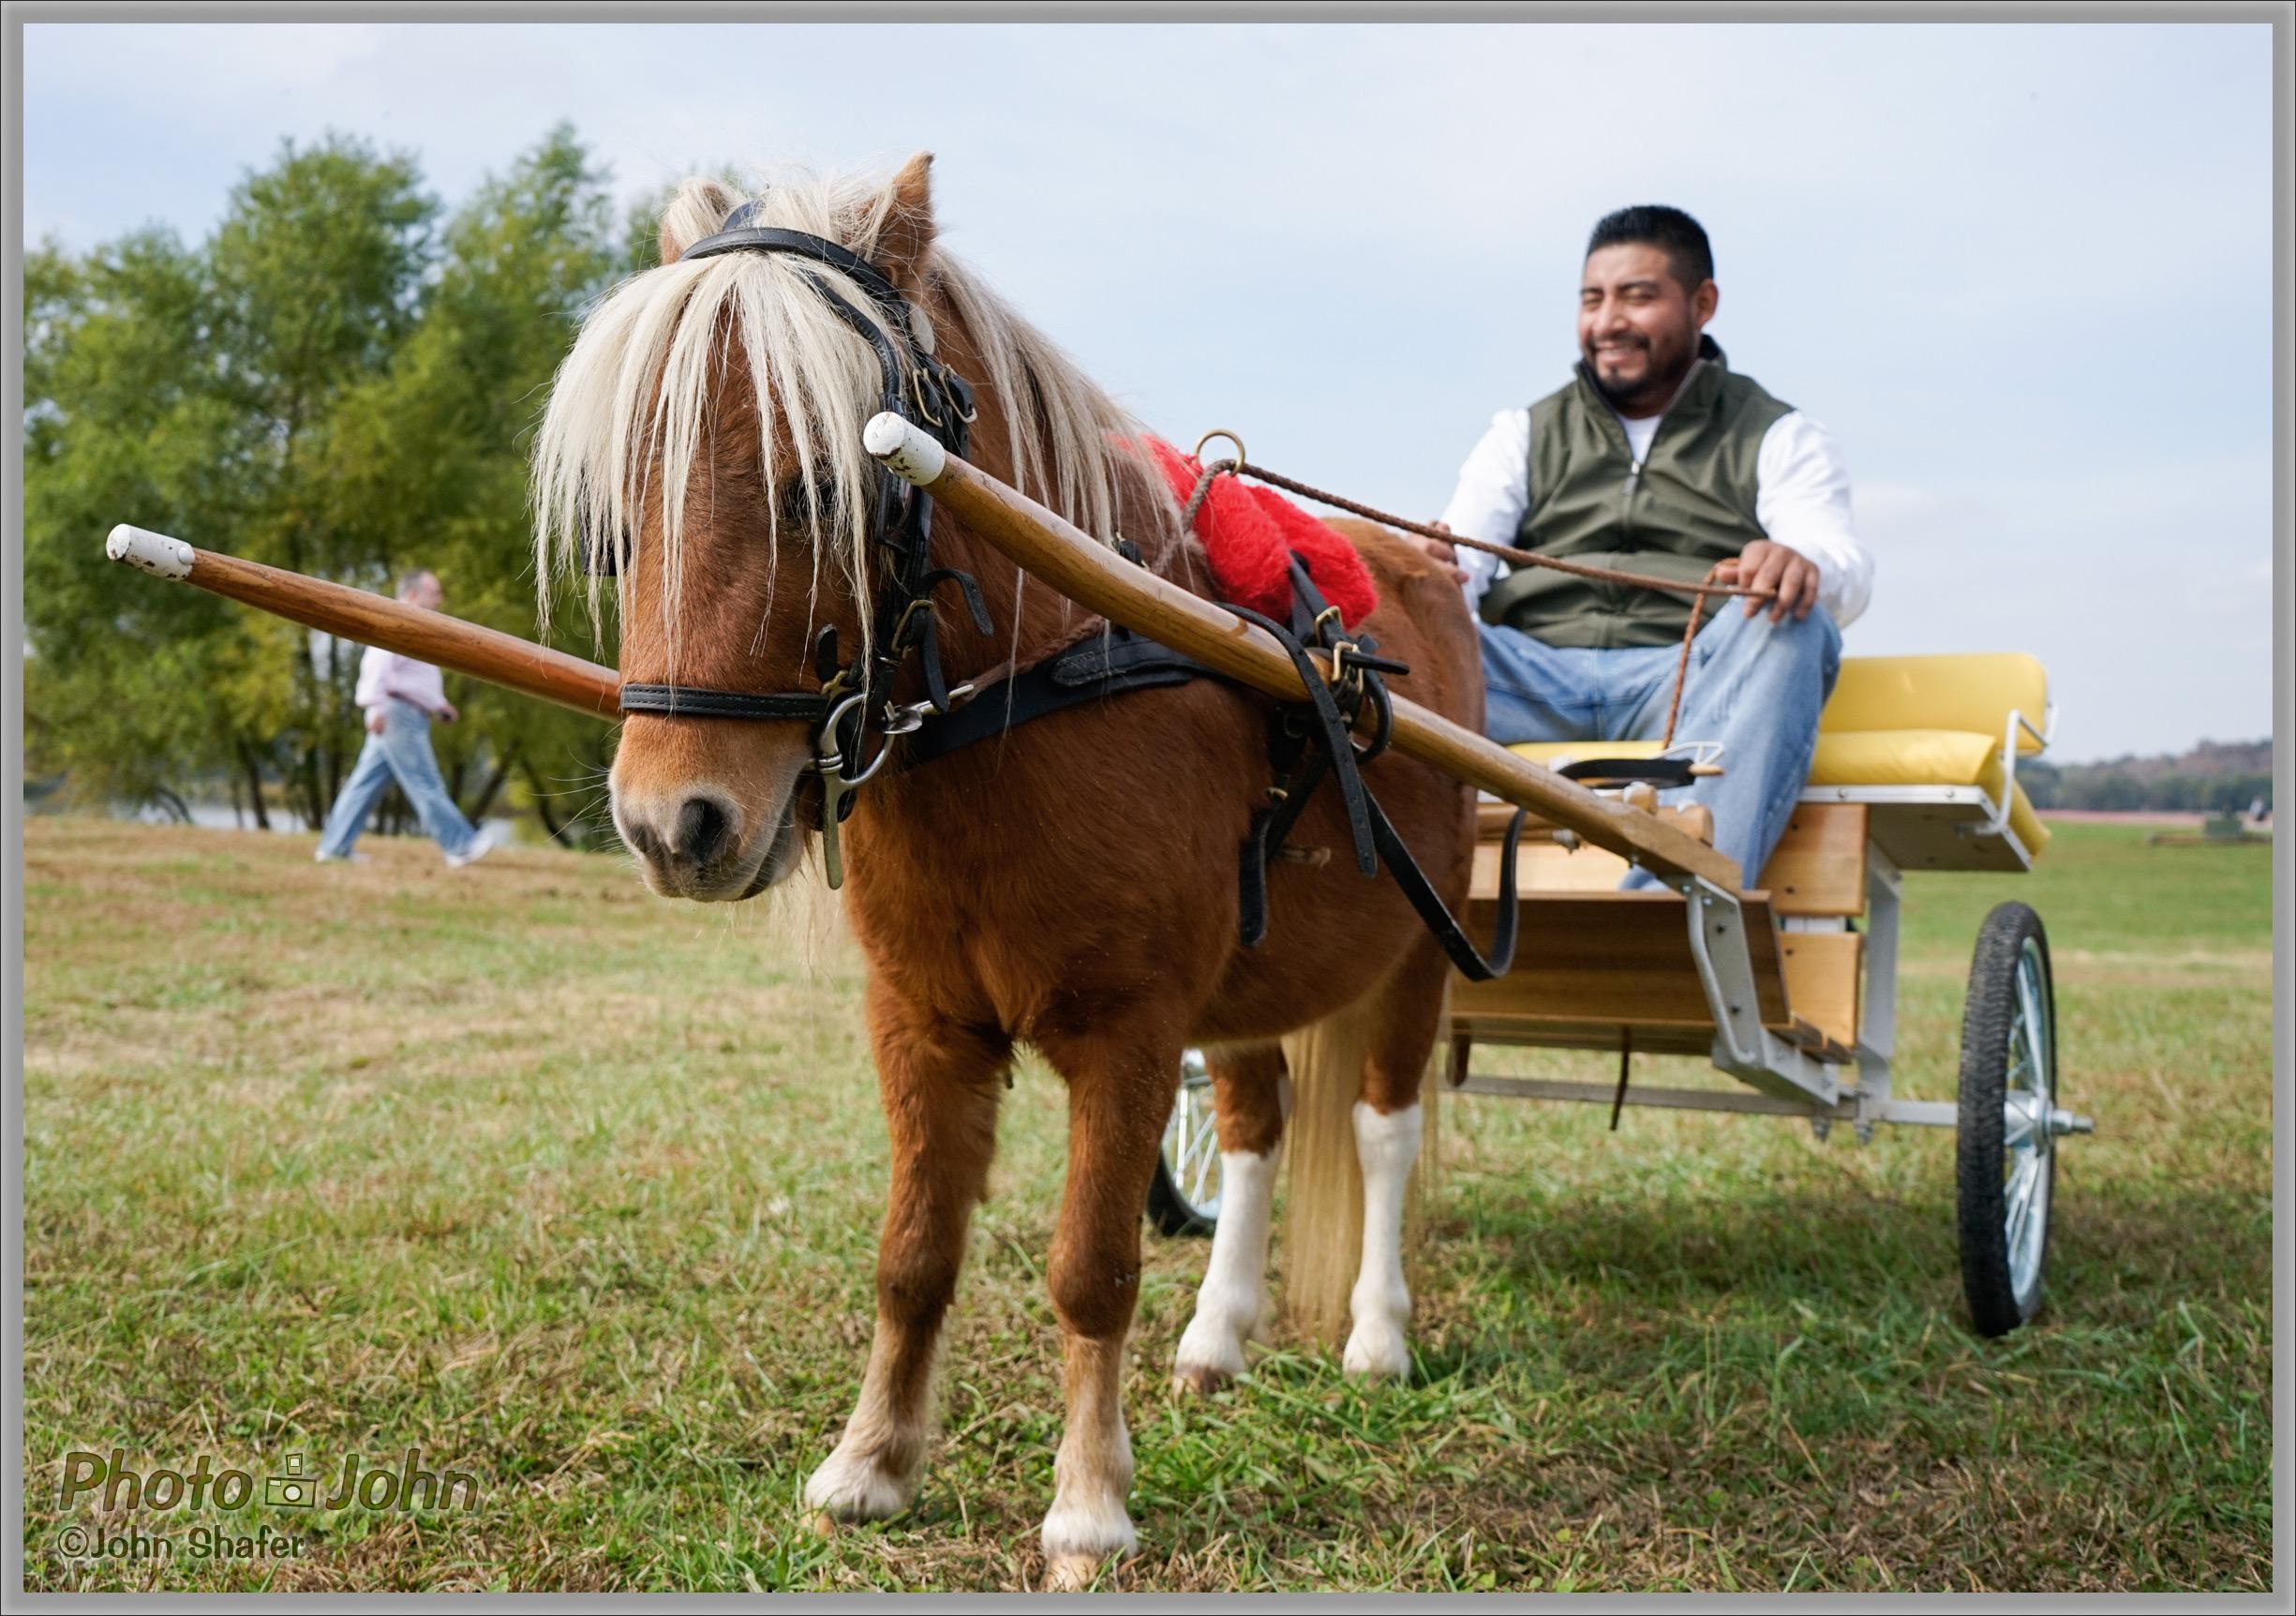 Sony Alpha A7 - Miniature Shetland Pony